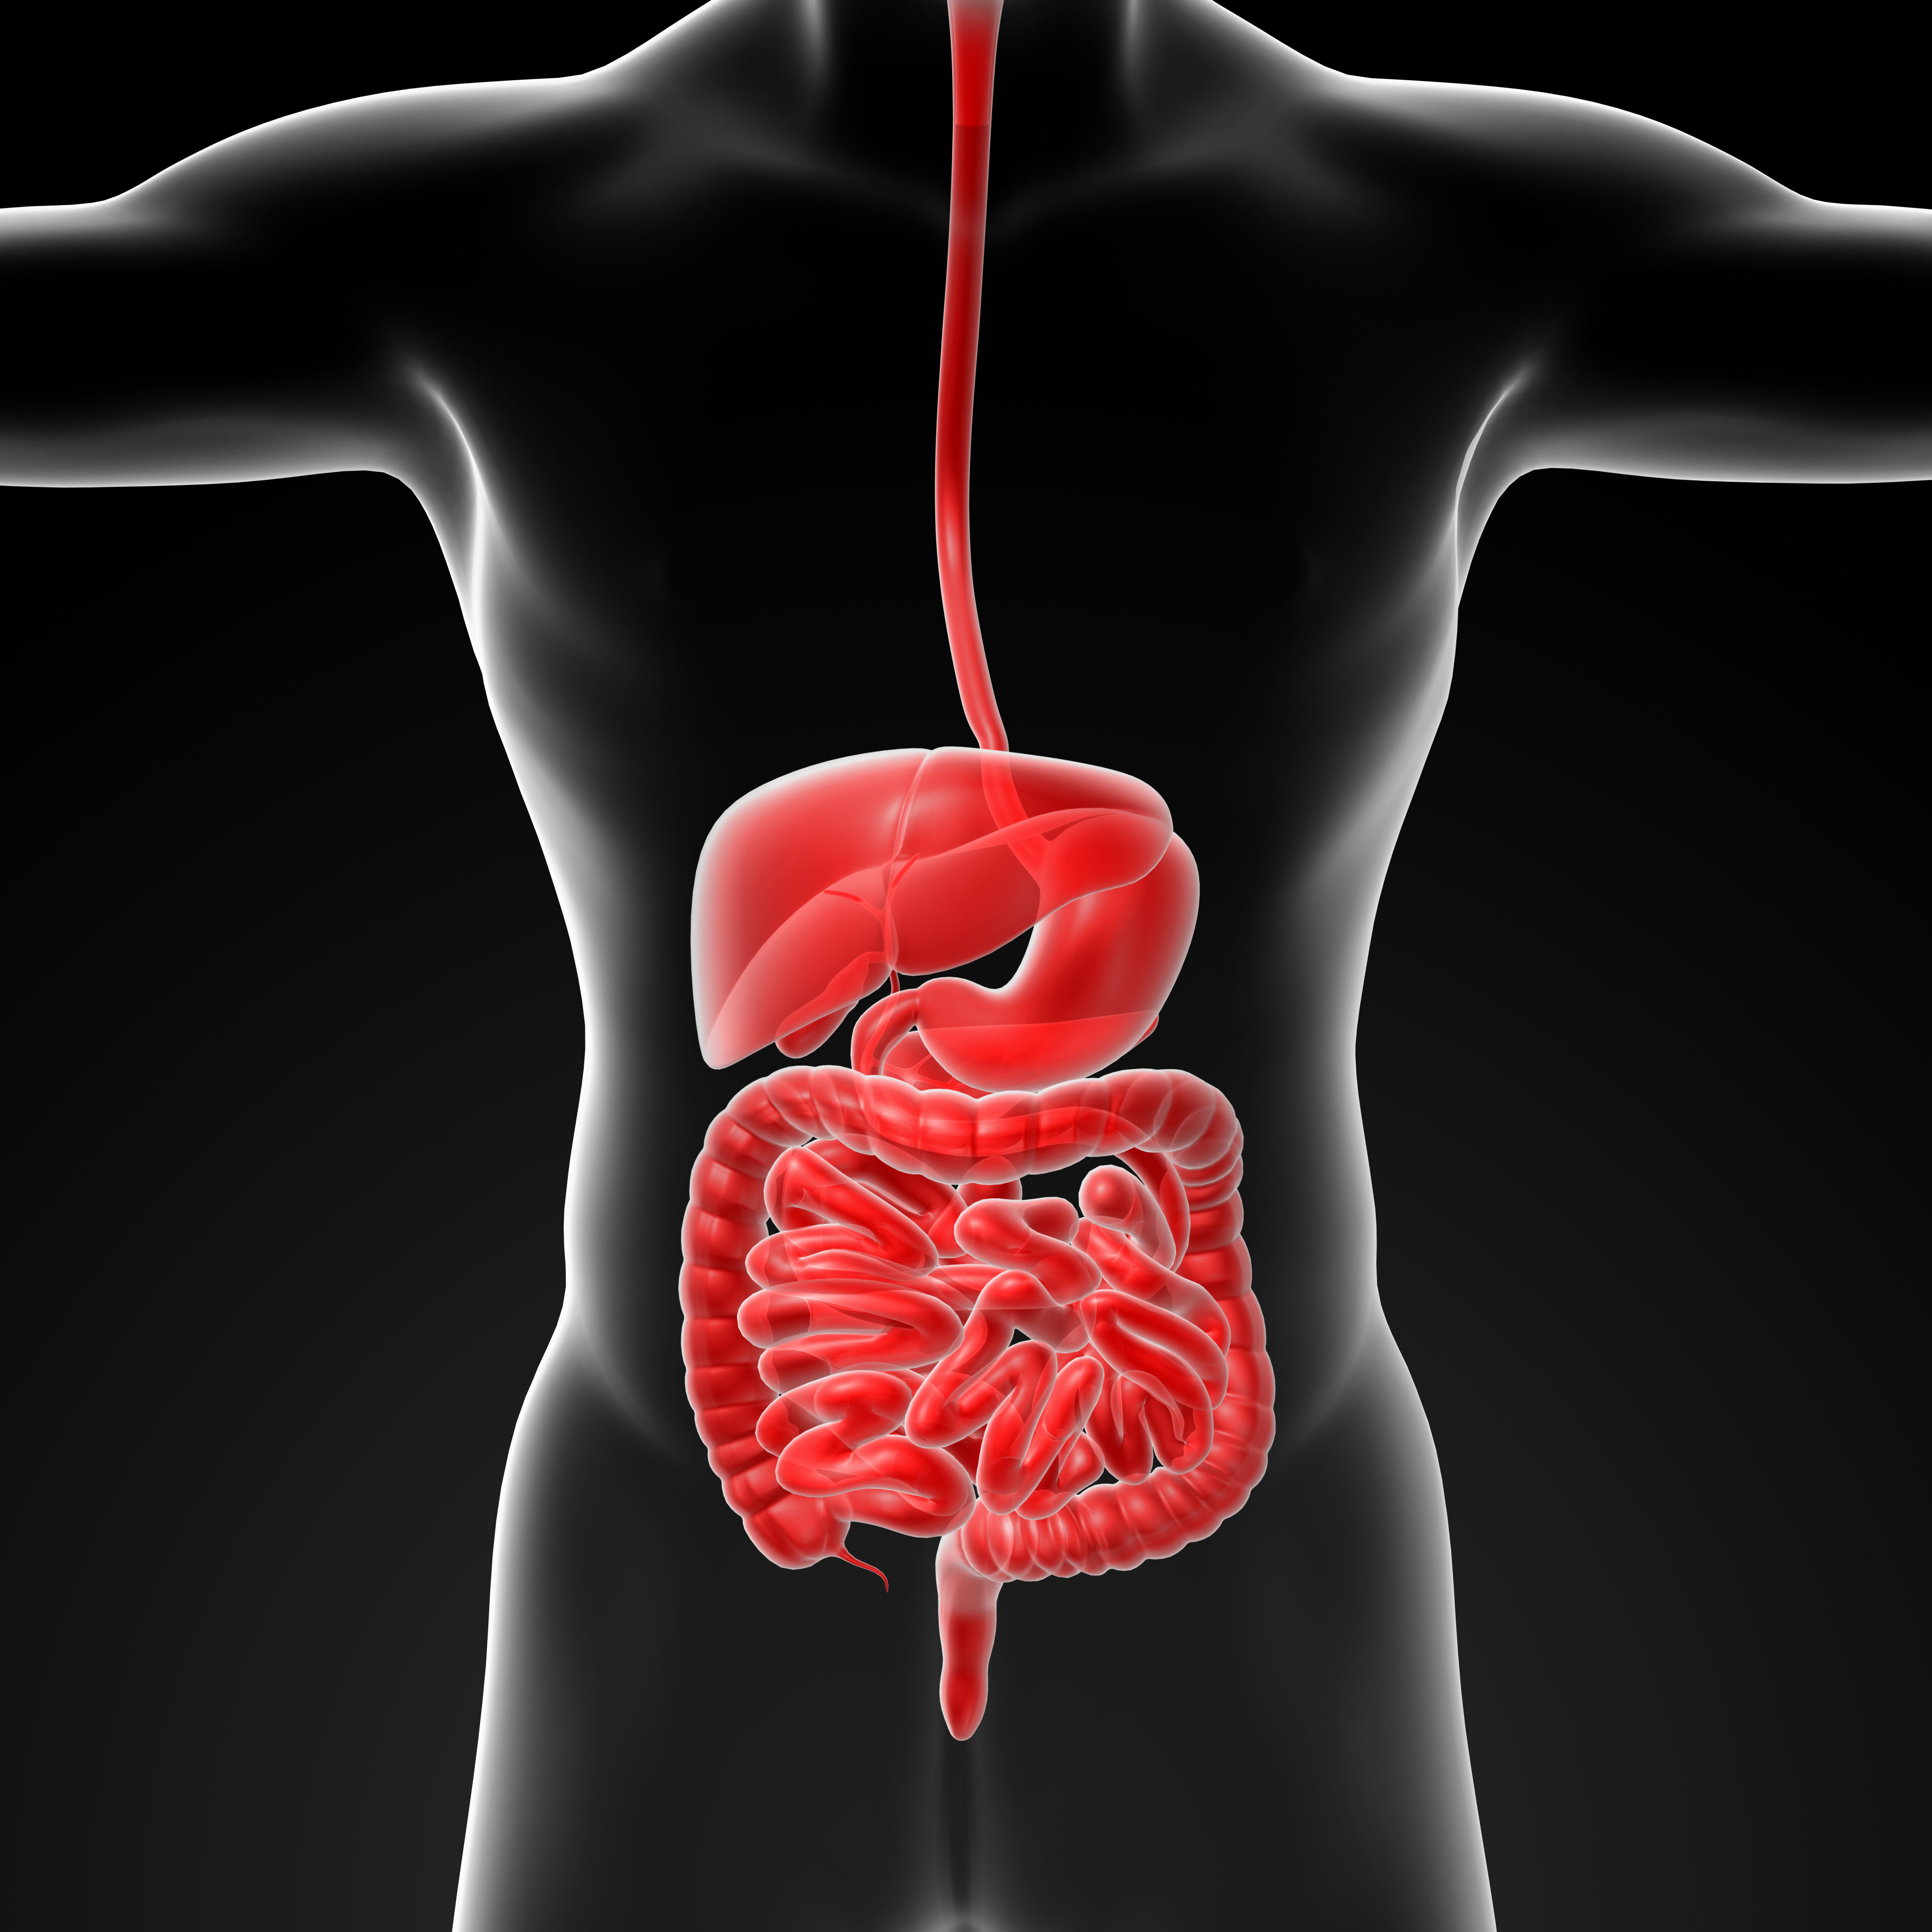 Netratată la timp, gastrita se poate transforma în ulcer sau hemoragii abdominale (apar scaune cu sânge).